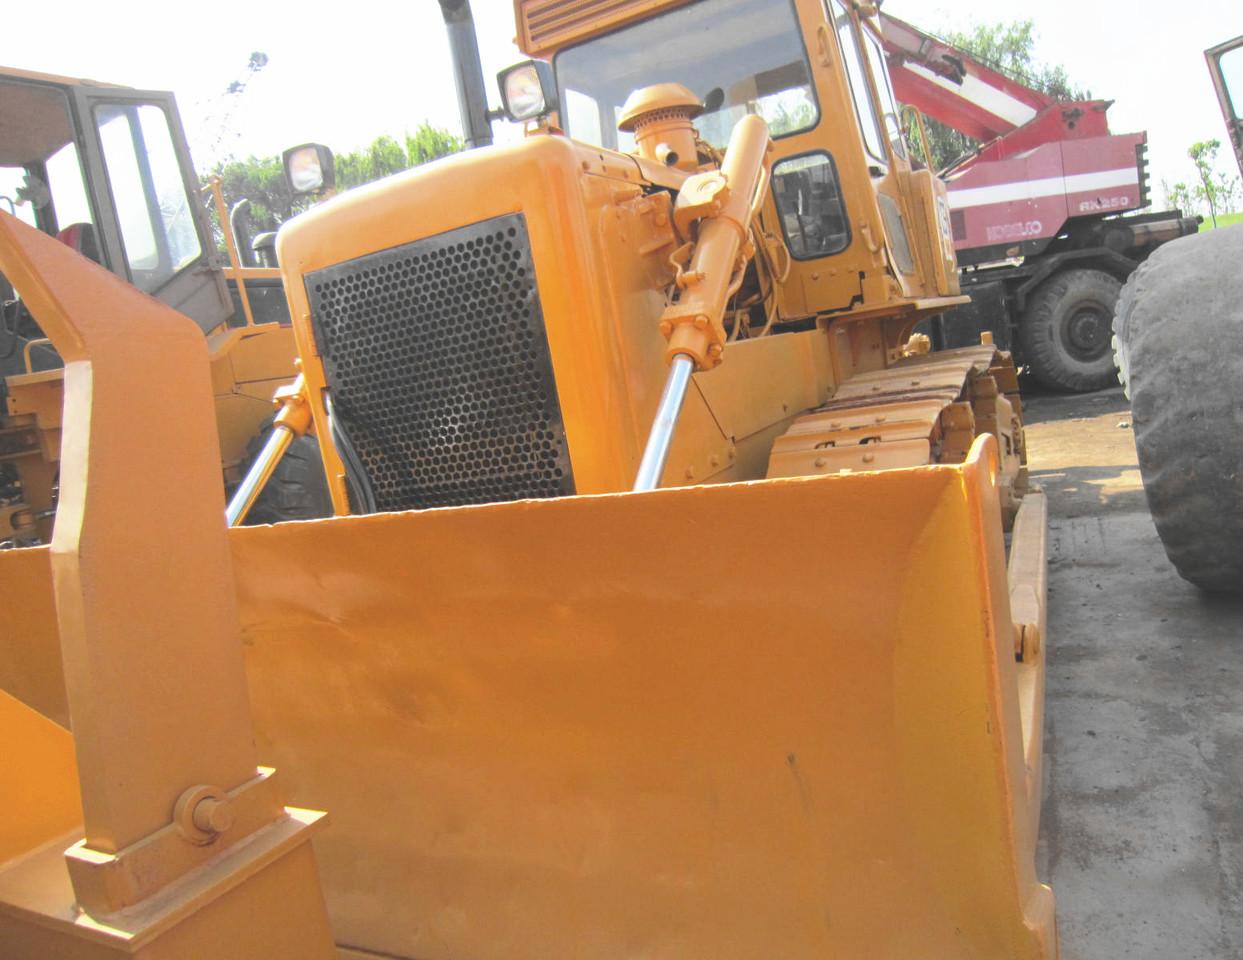 Bulldozer CATERPILLAR D6D - Truck1 ID: 3865162